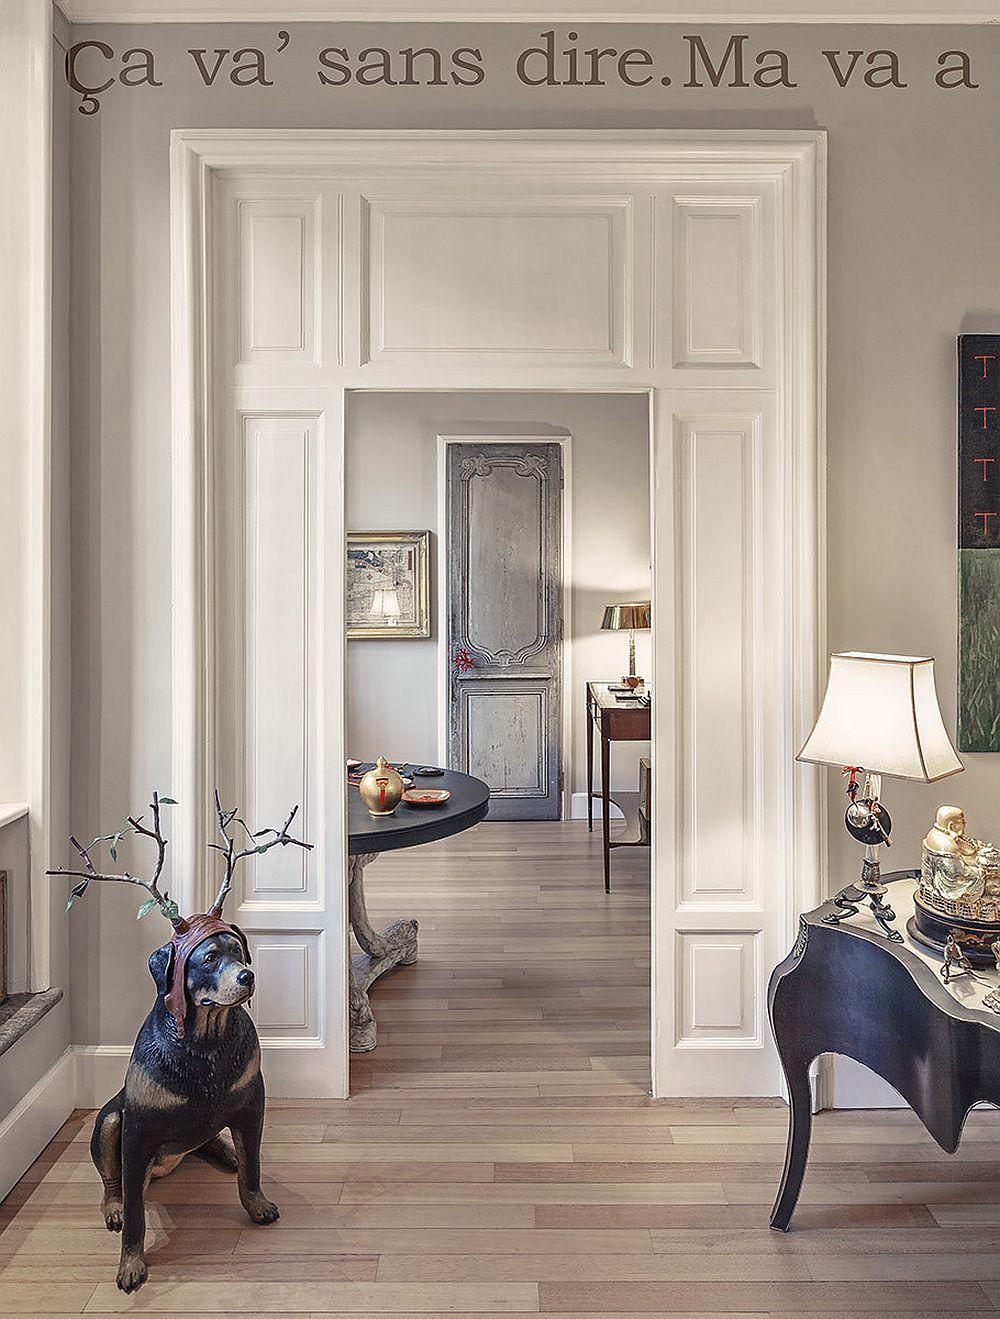 Arhitectura apartamentului contează foarte mult pentru că spațiile bine luminate și înalte ajută pentru expunerea obiectelor. Însă și proprietarul a știut cum să le pună în valoare. Inclusiv tâmplăria este recondiționată aici în spiritul arhitecturii vechi a clădirii.